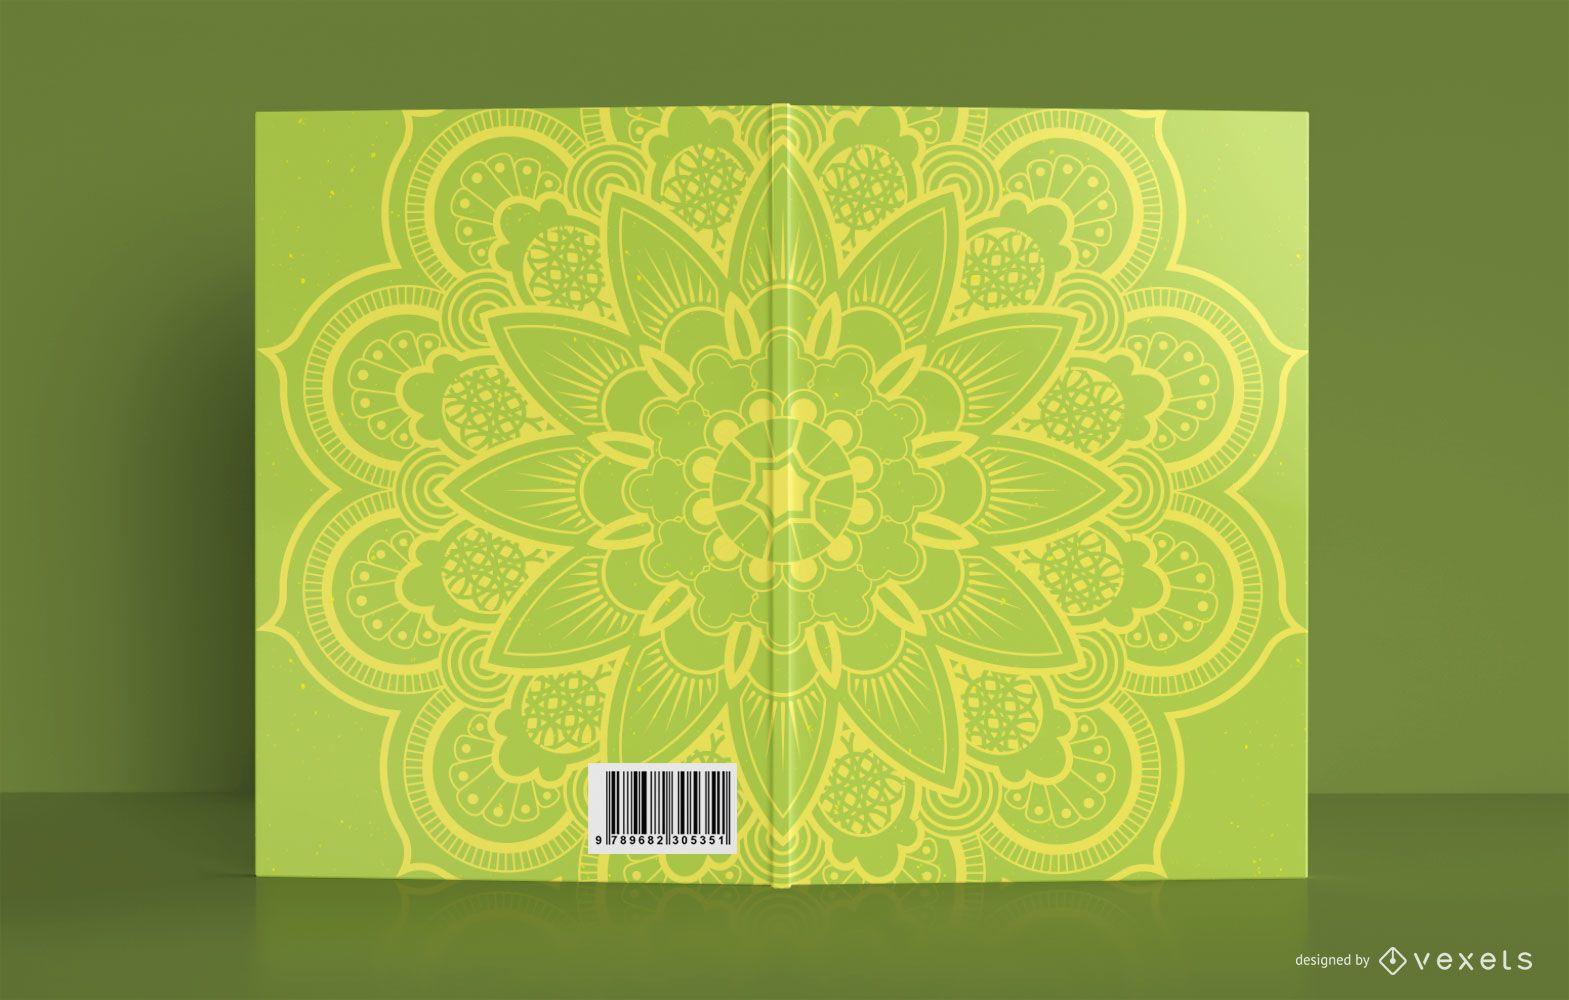 Design da capa do livro com mandala amarela